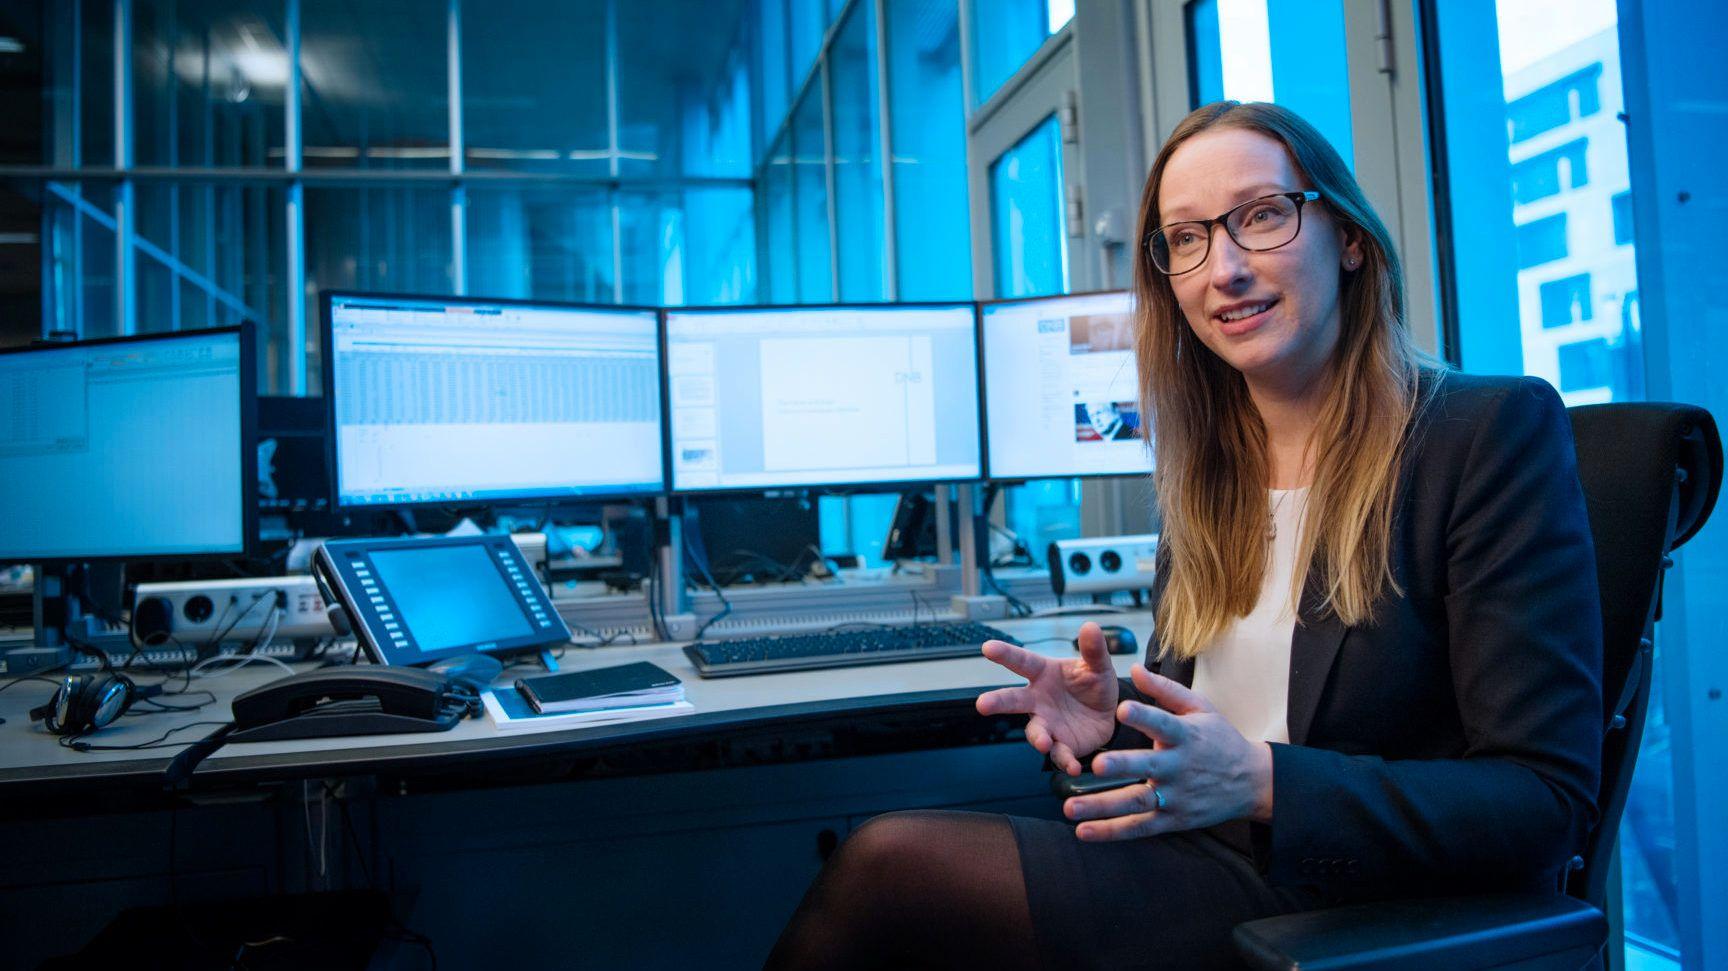 BUDSJETT-KRITIKK: Sjeføkonom Kjersti Haugland i DNB og DNB Markets mener Regjeringen kunne gjort mer enn å gå for et nøytralt budsjett.